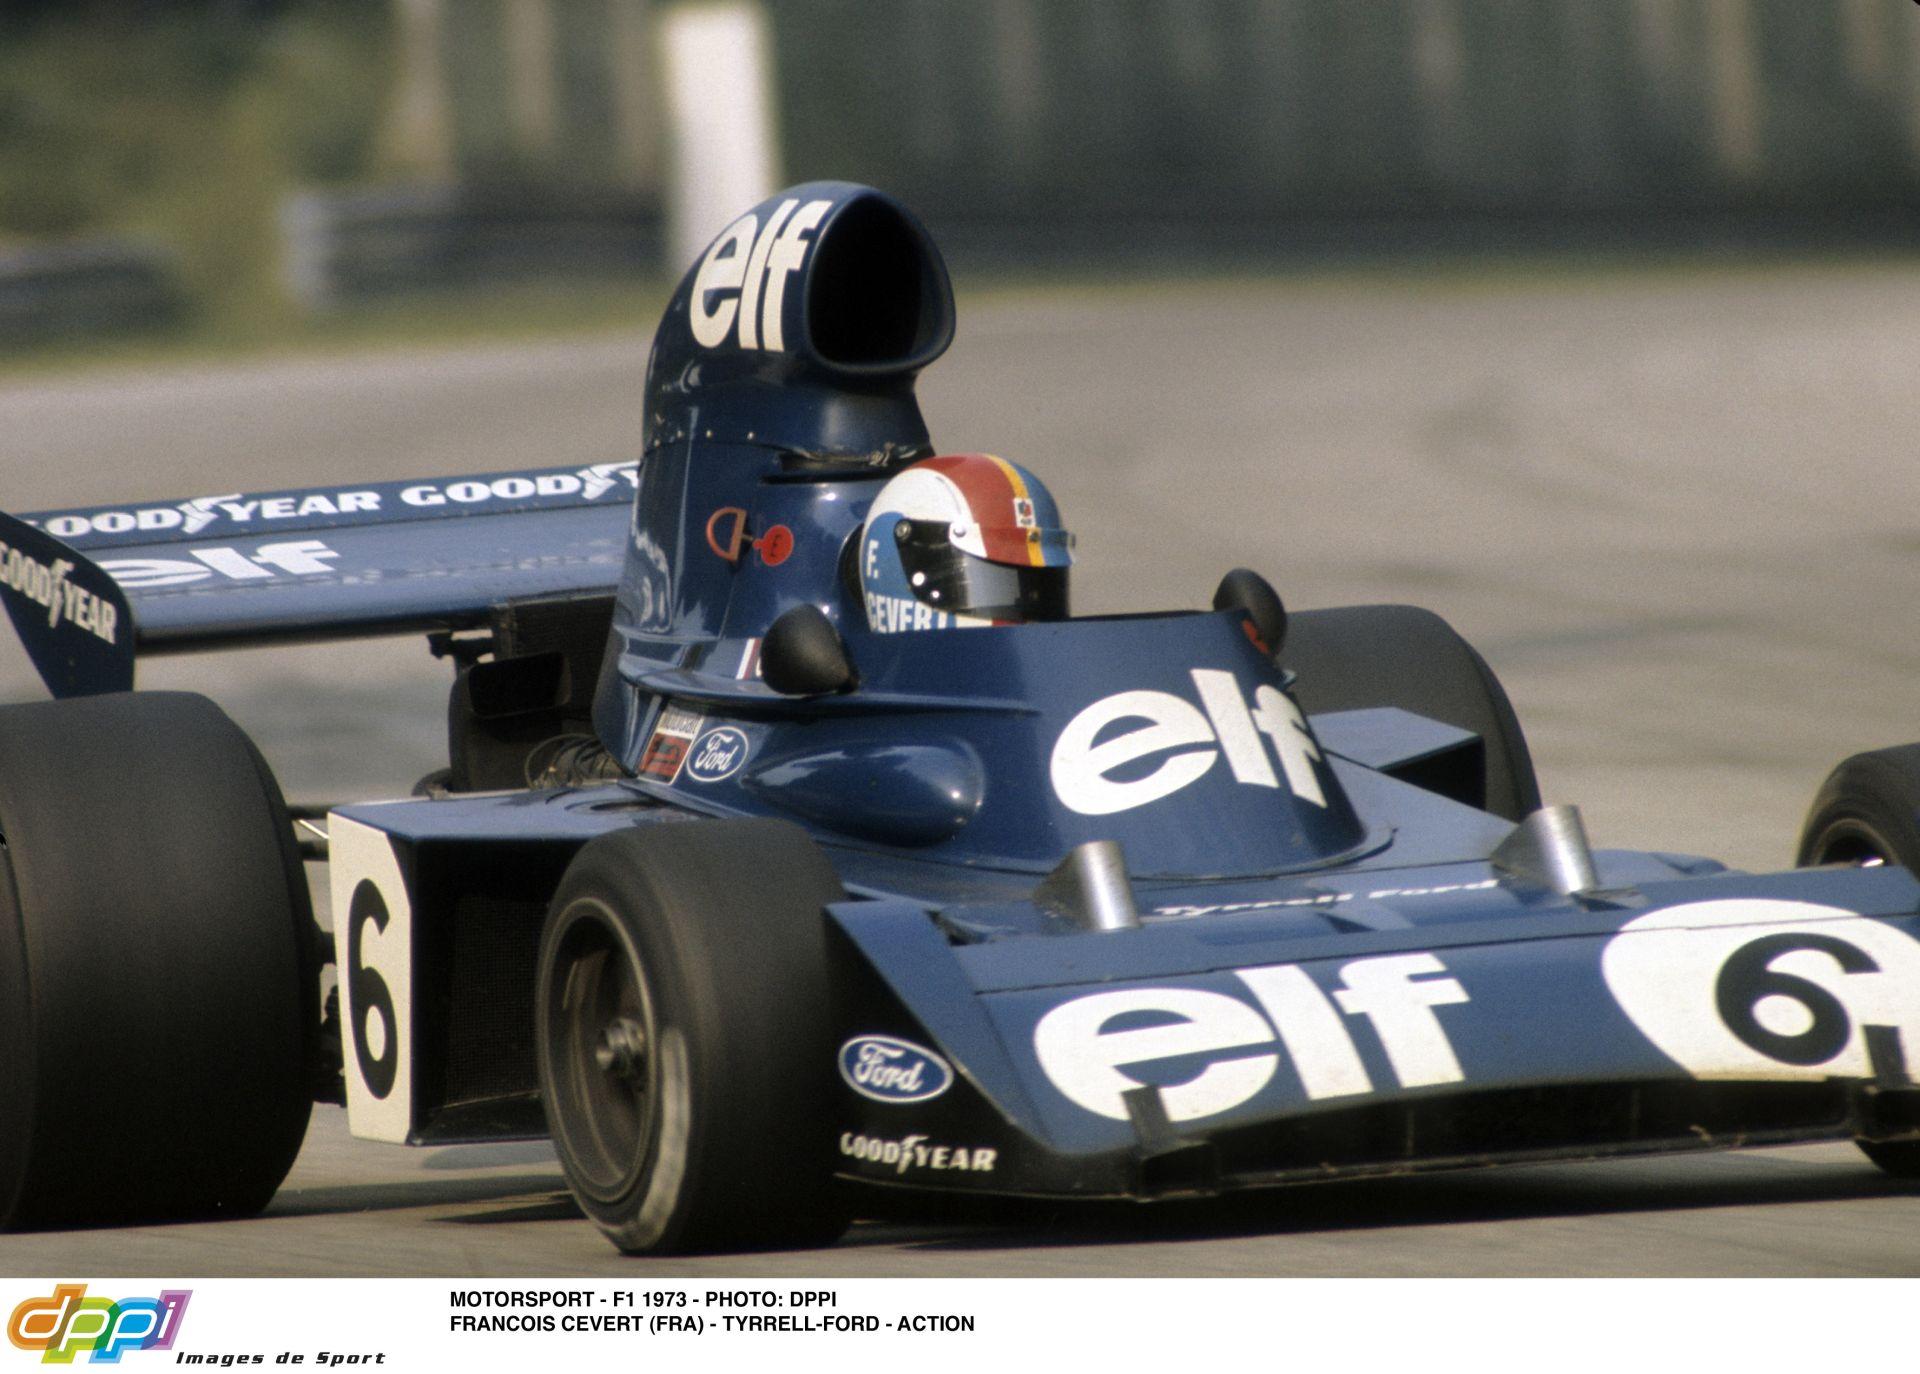 Amikor megremeg a föld: legendás F1-es gépek napjainkban